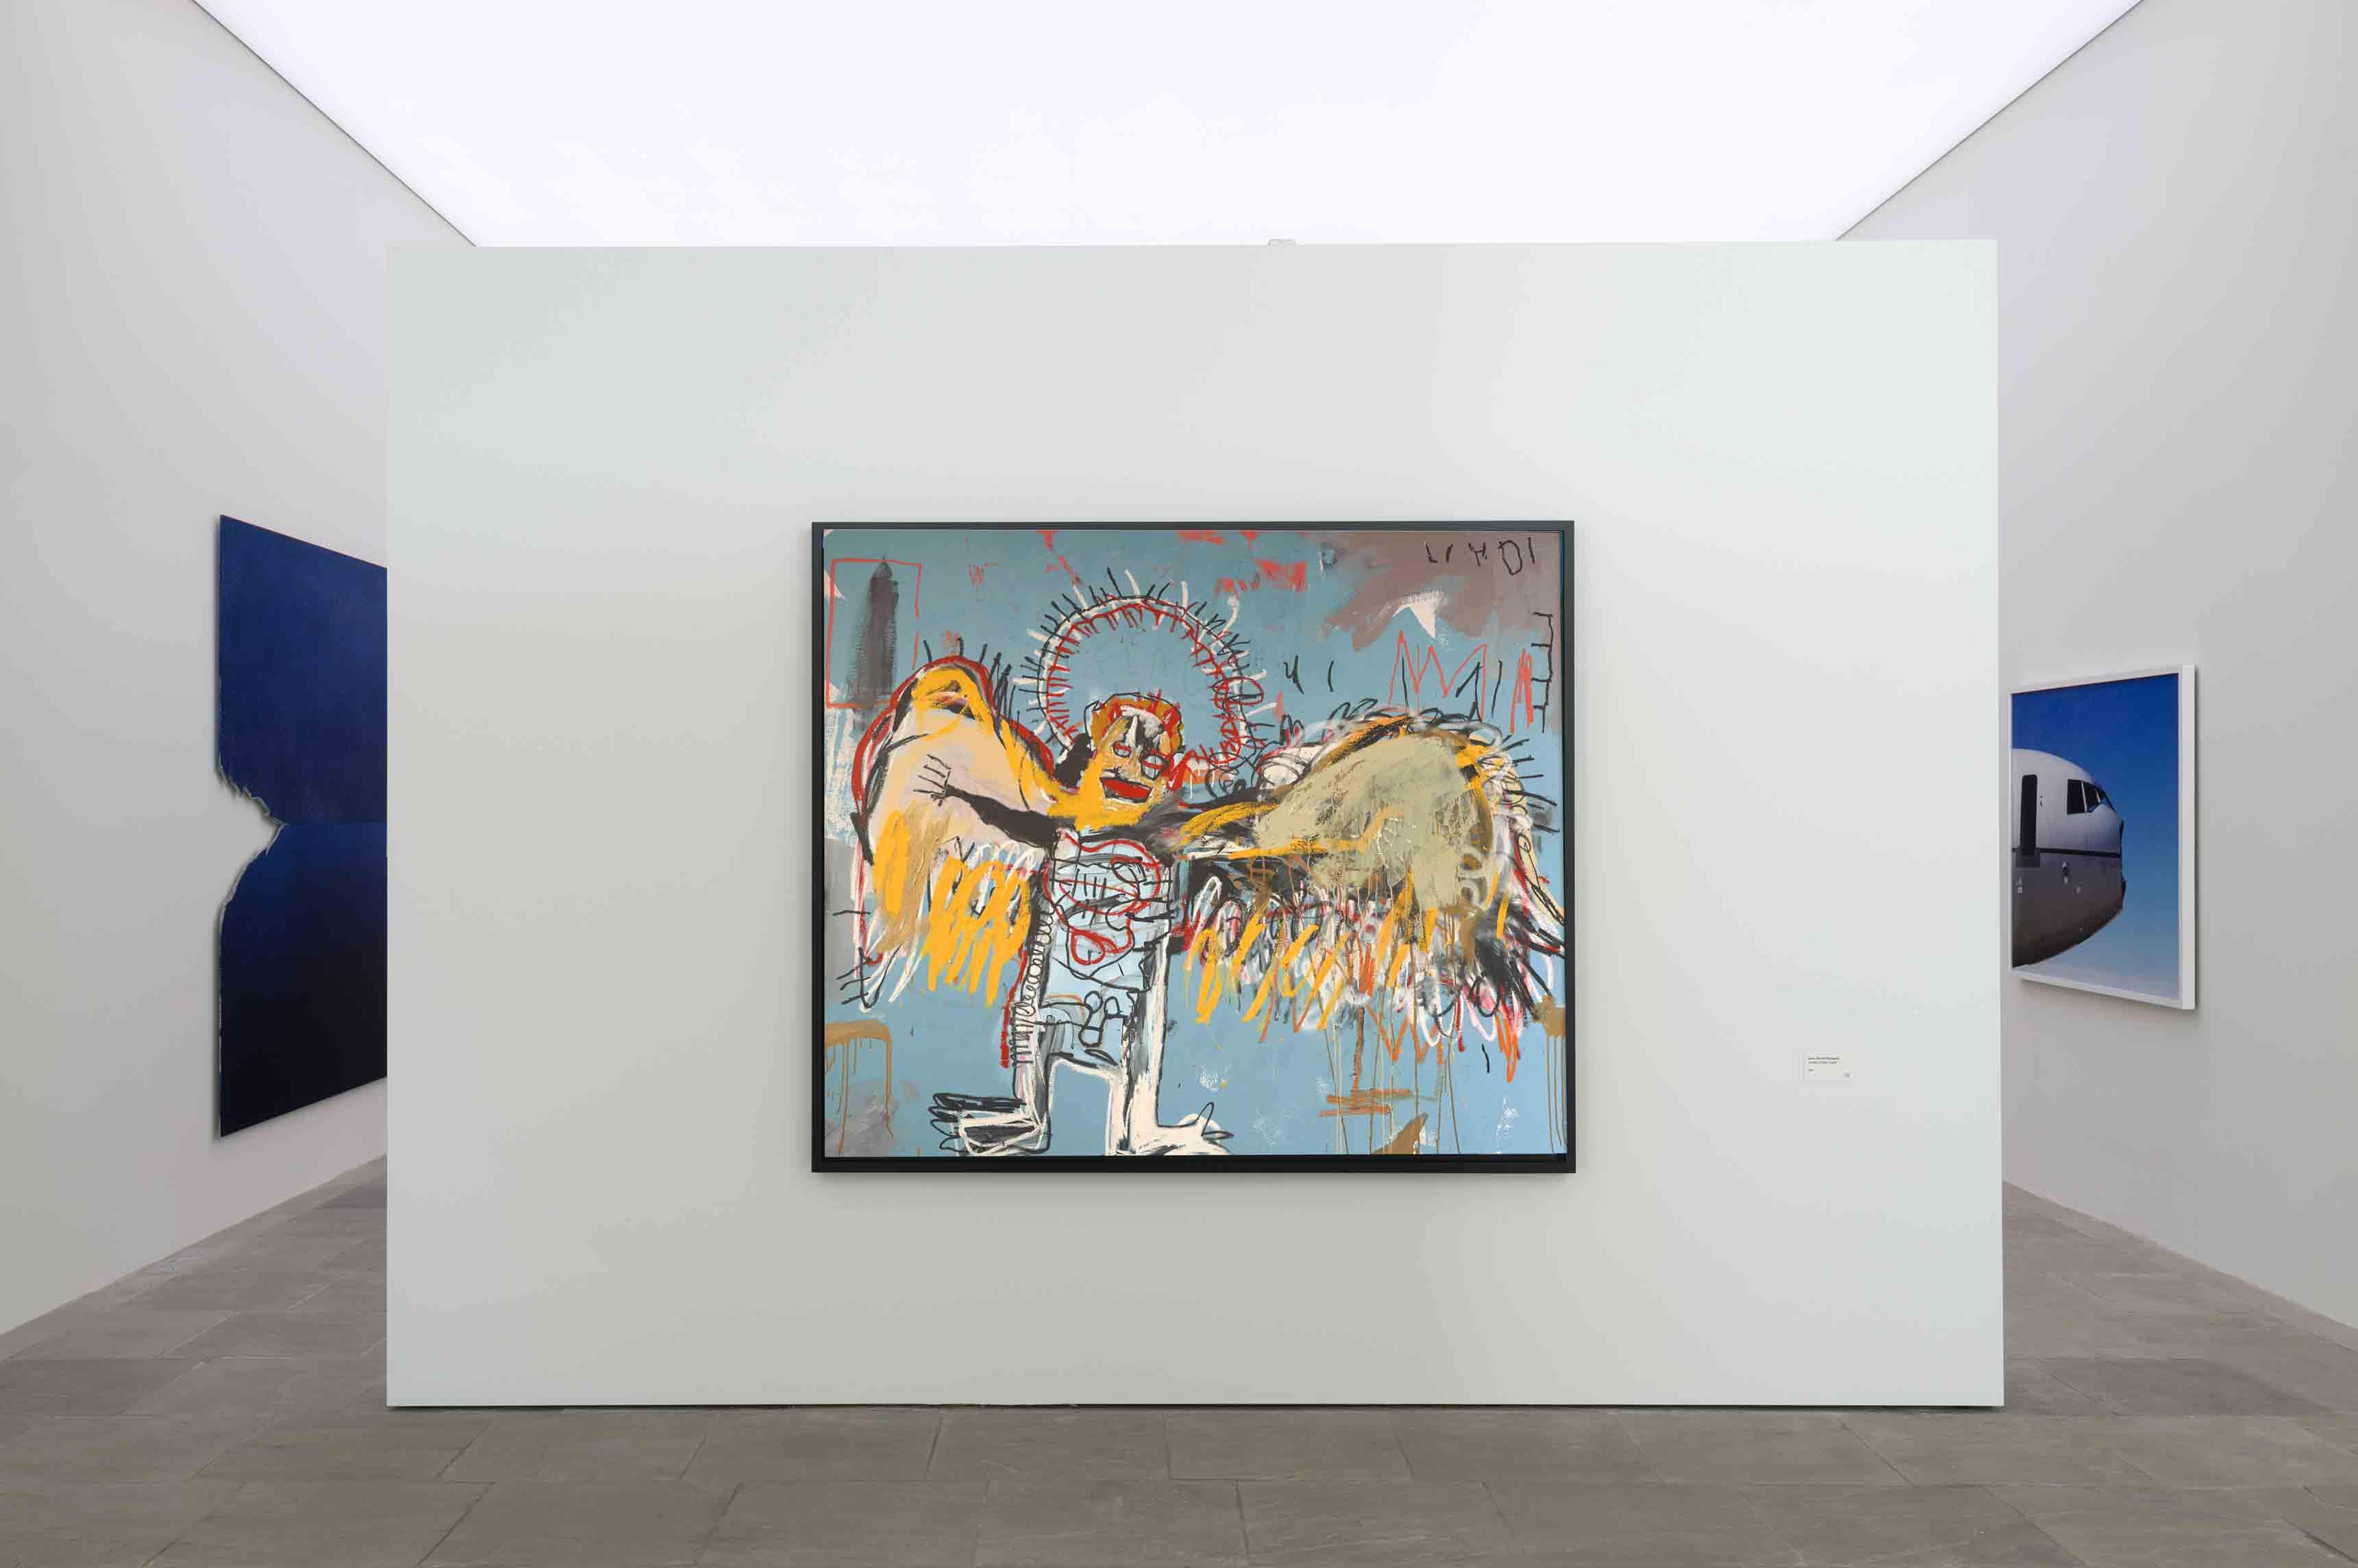 Salle Basquiat